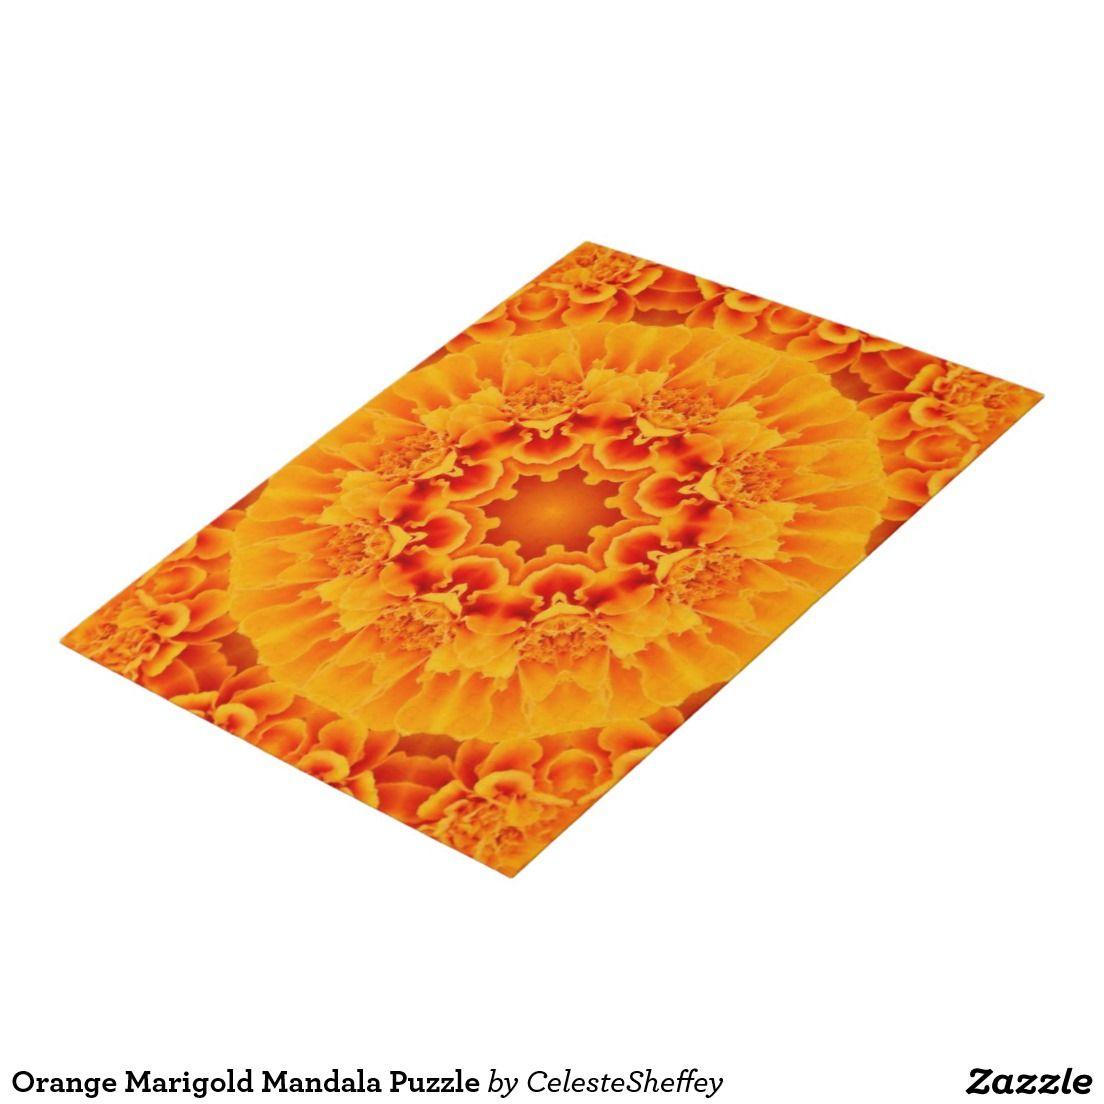 Orange Marigold Mandala Puzzle